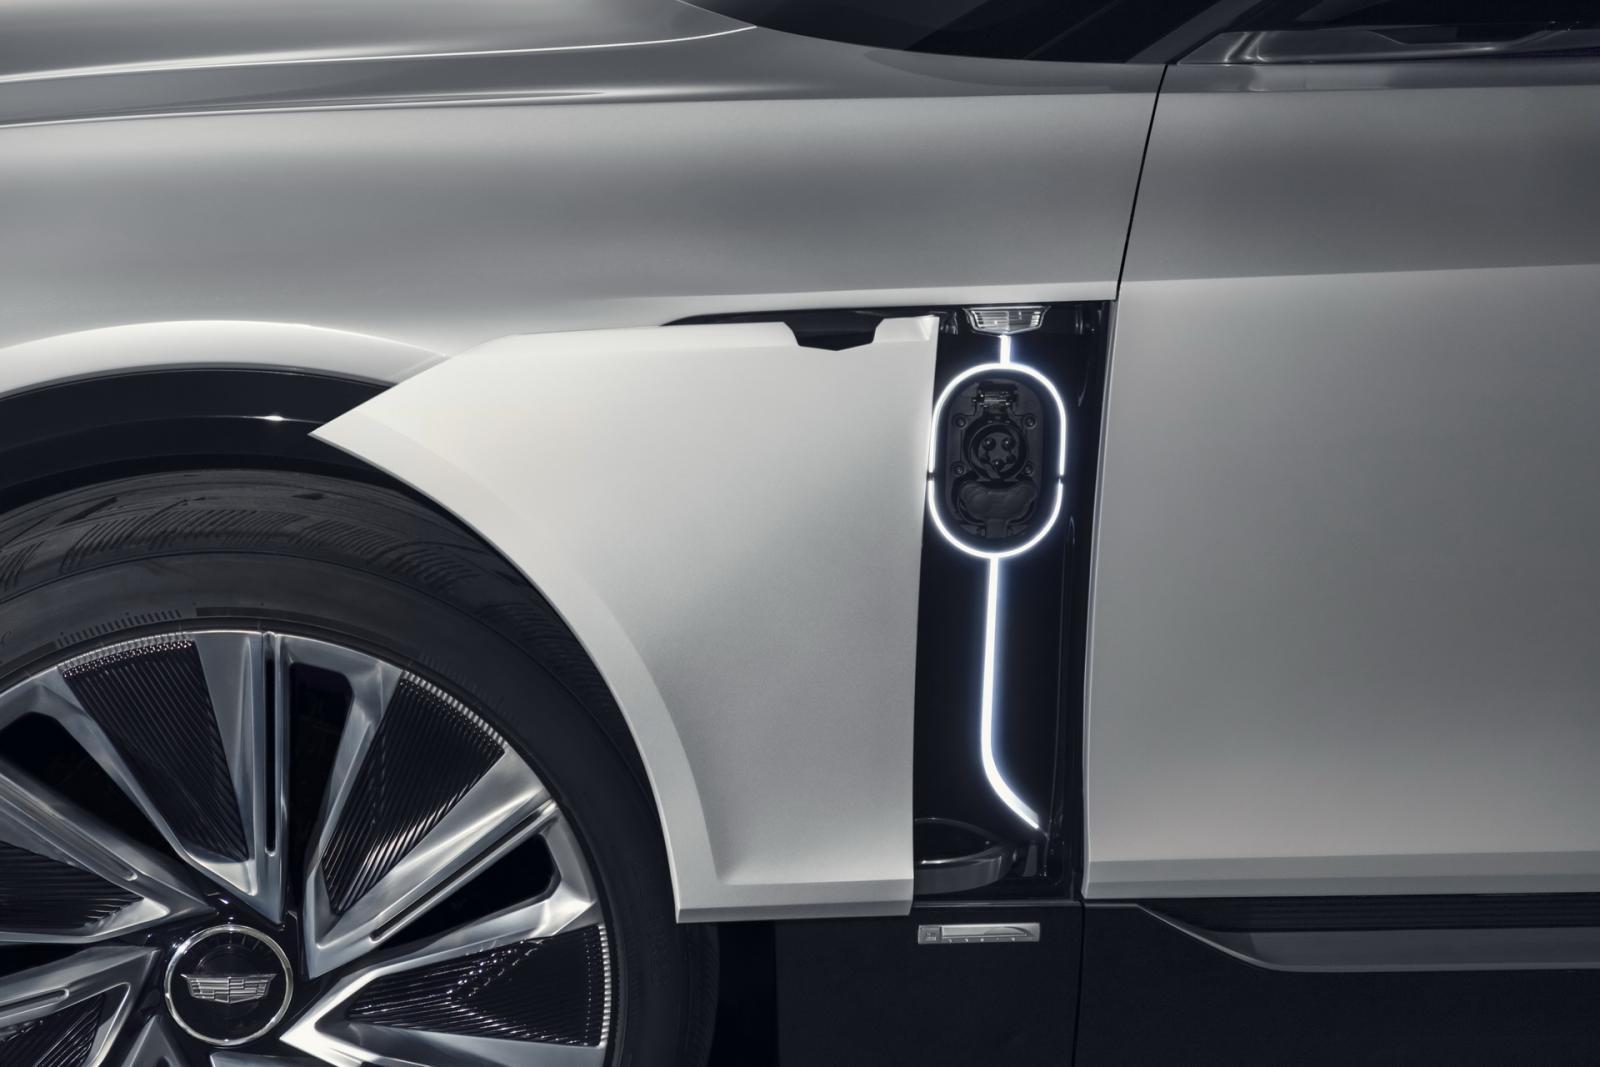 Officiell: Cadillac Lyriq är en ny elsuv med jätteskärm och smart ljudisolering